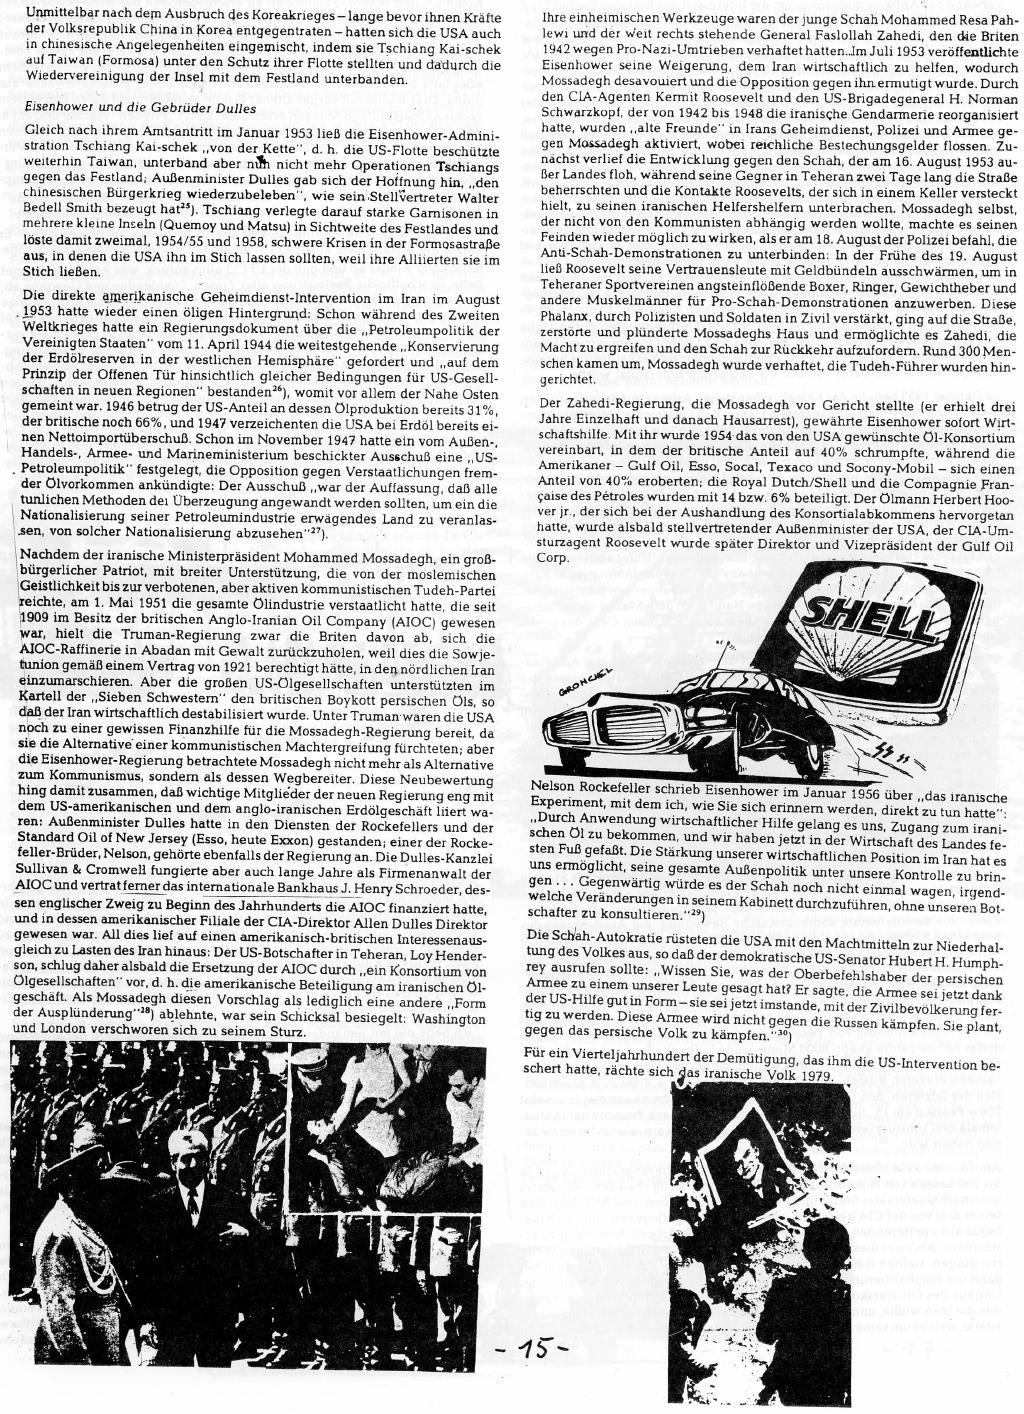 Bremen_1980_NATO_Broschuere_15